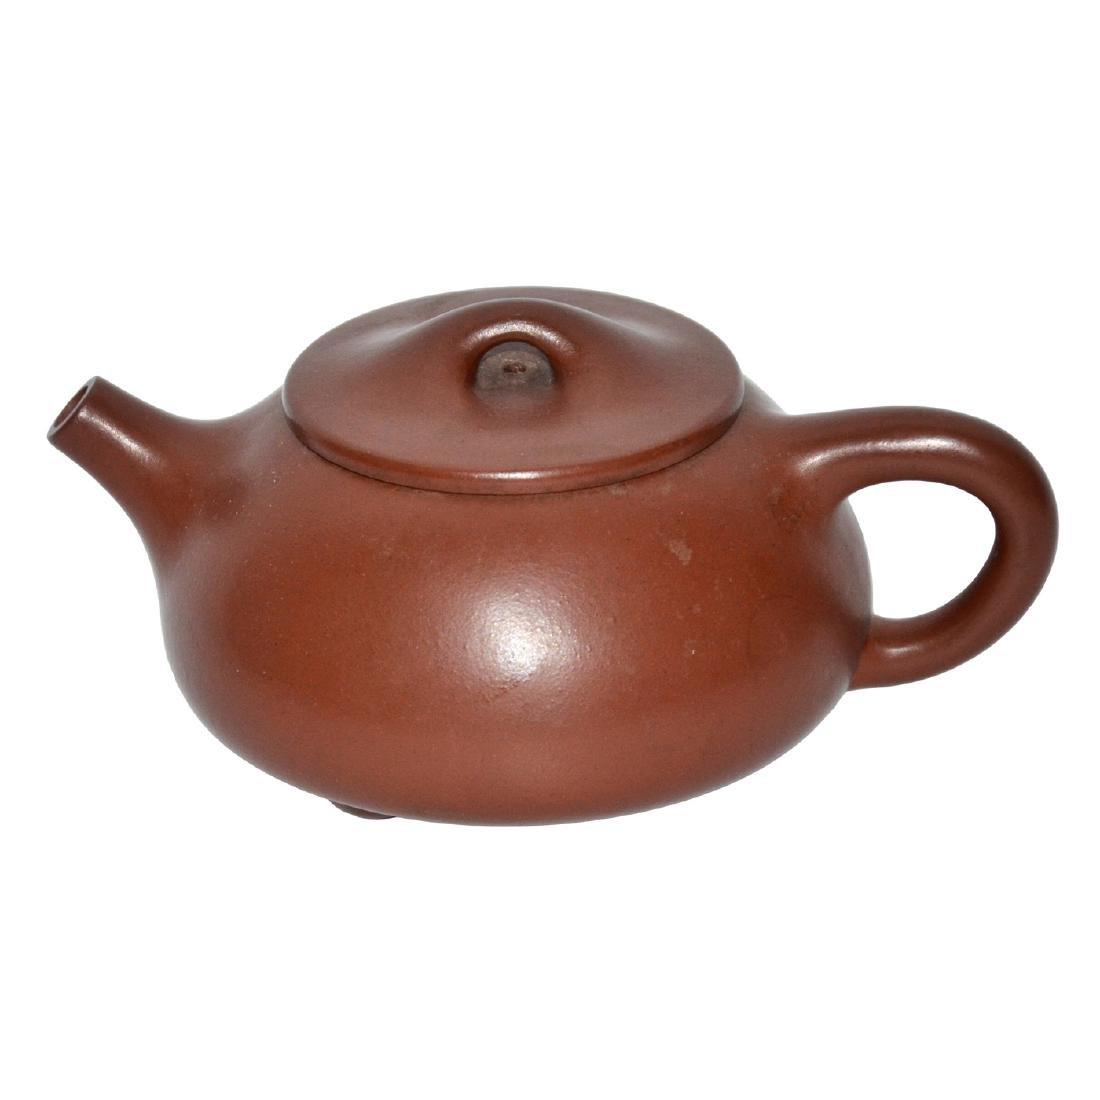 Gu Jingzhou, Stone-spoon Yixing Zisha Teapot